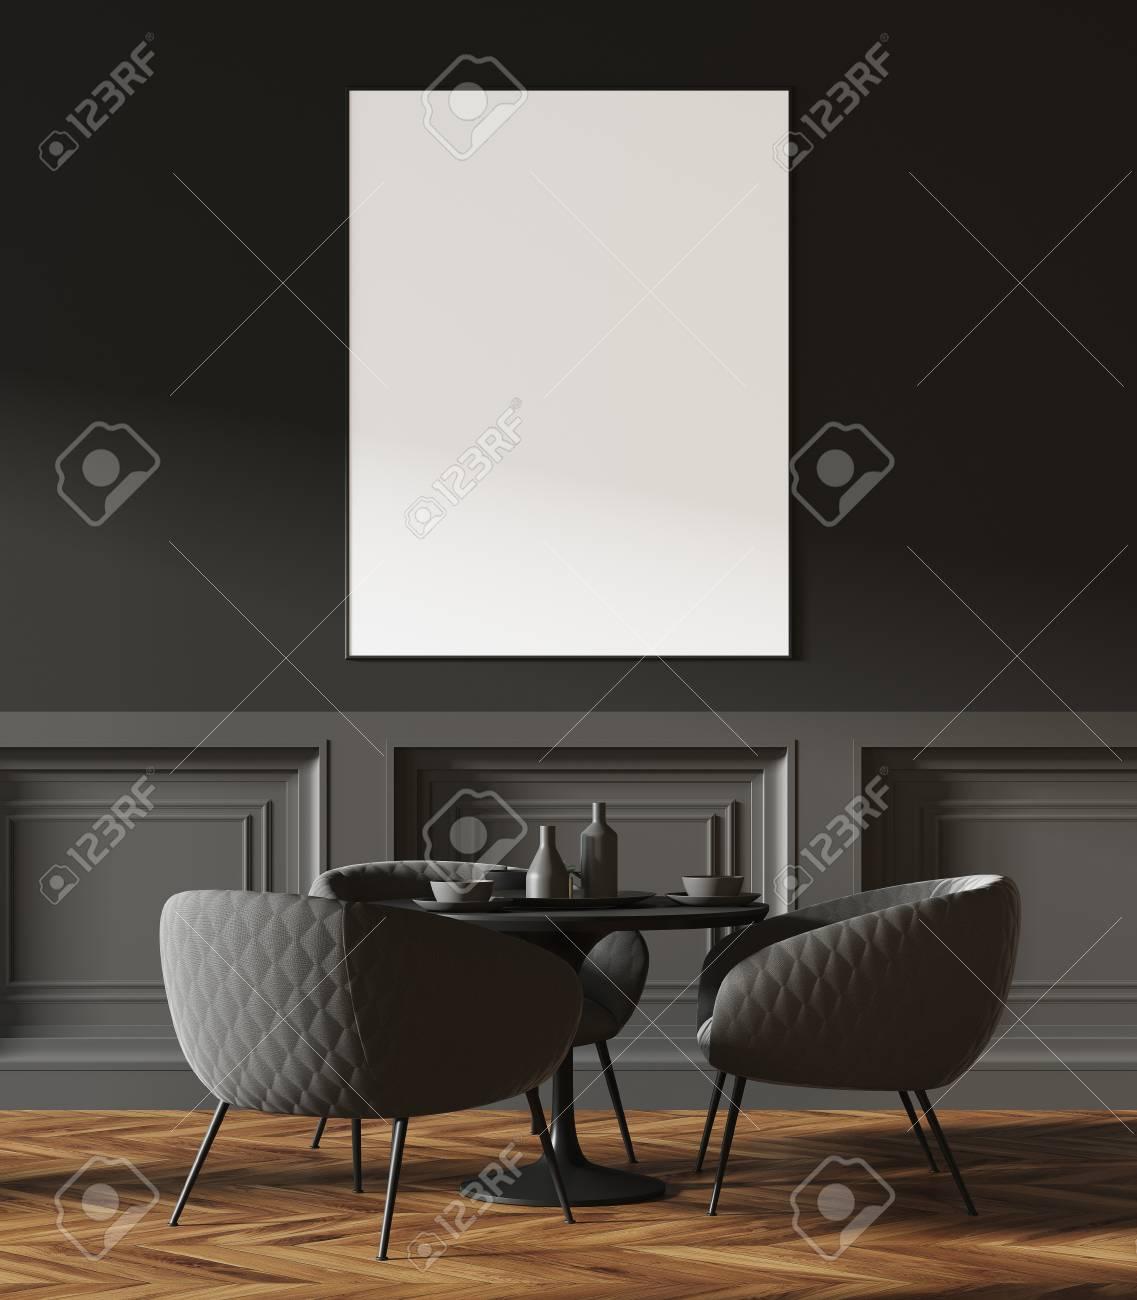 Immagini Stock Moderno Caffe Grigio Scuro Con Pavimento In Legno E Sedie Grigio Scuro Vicino A Tavoli Rotondi Un Poster Incorniciato Un Primo Piano Rendering 3d Mock Up Image 94242268